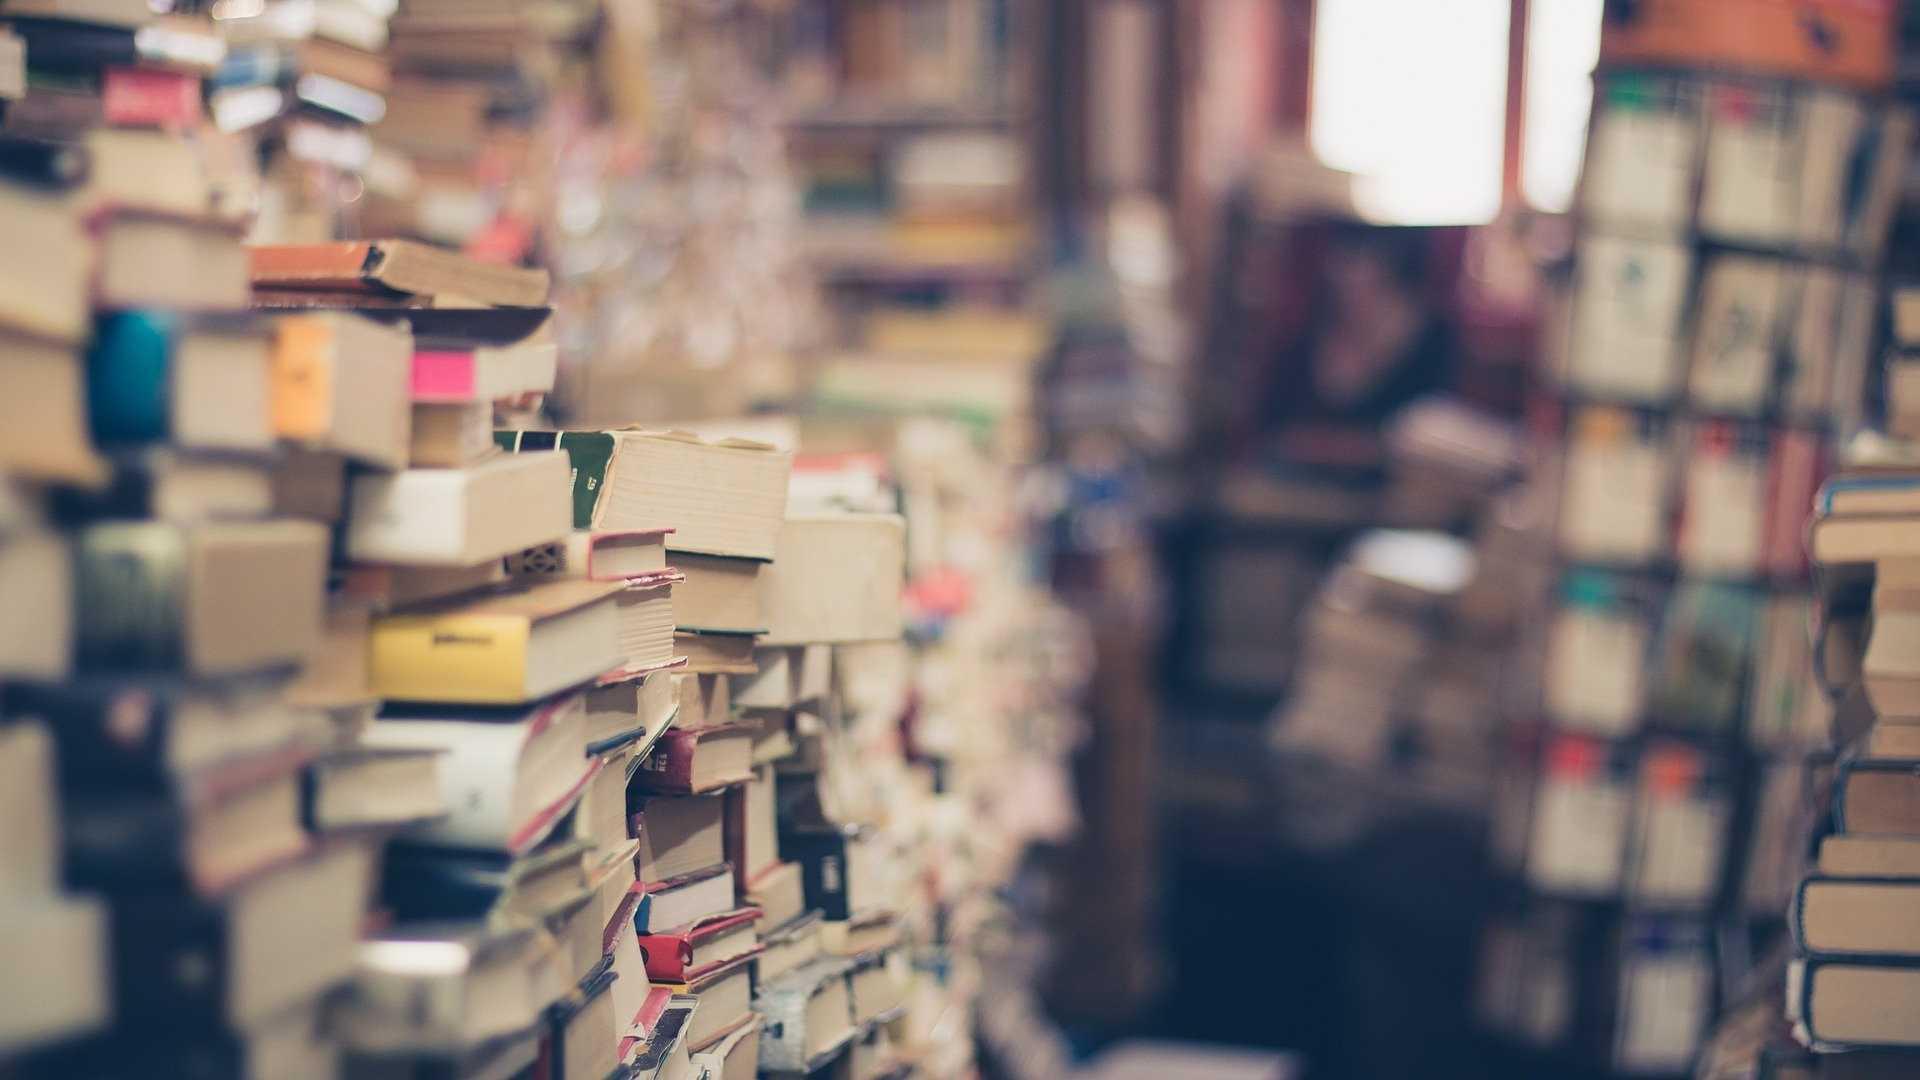 Polecane książki - obrazek poglądowy